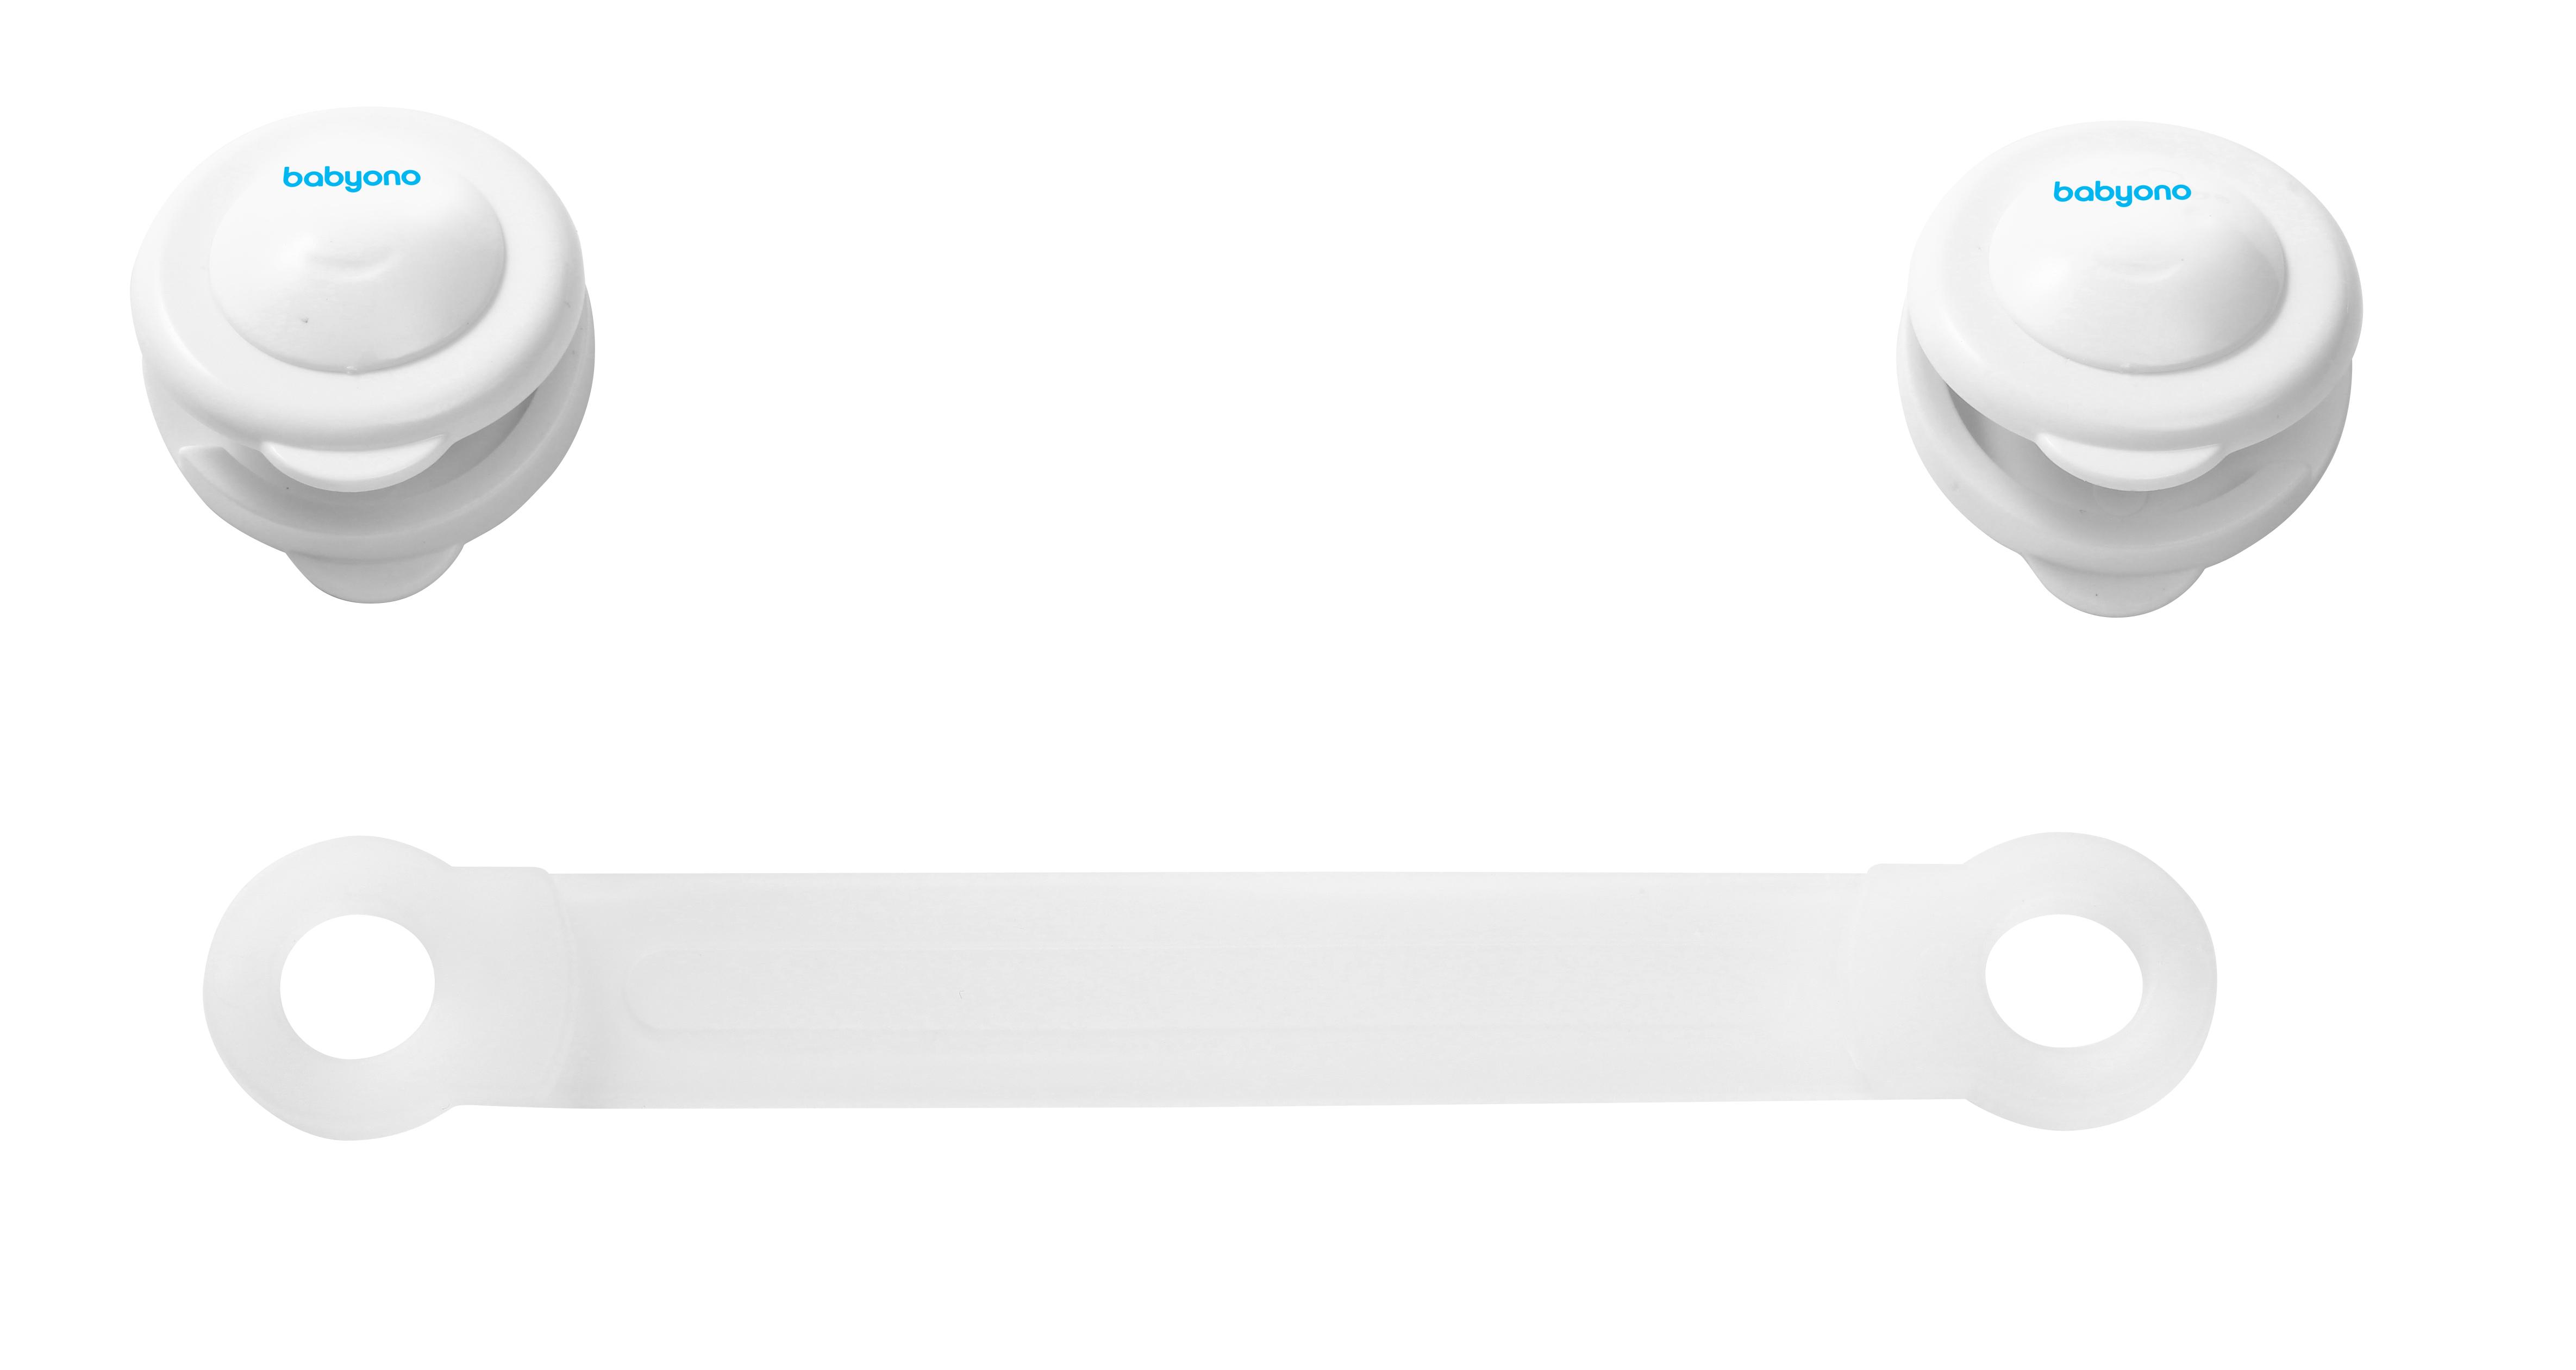 Zámok univerzálny pre zásuvky a chladničky, biely